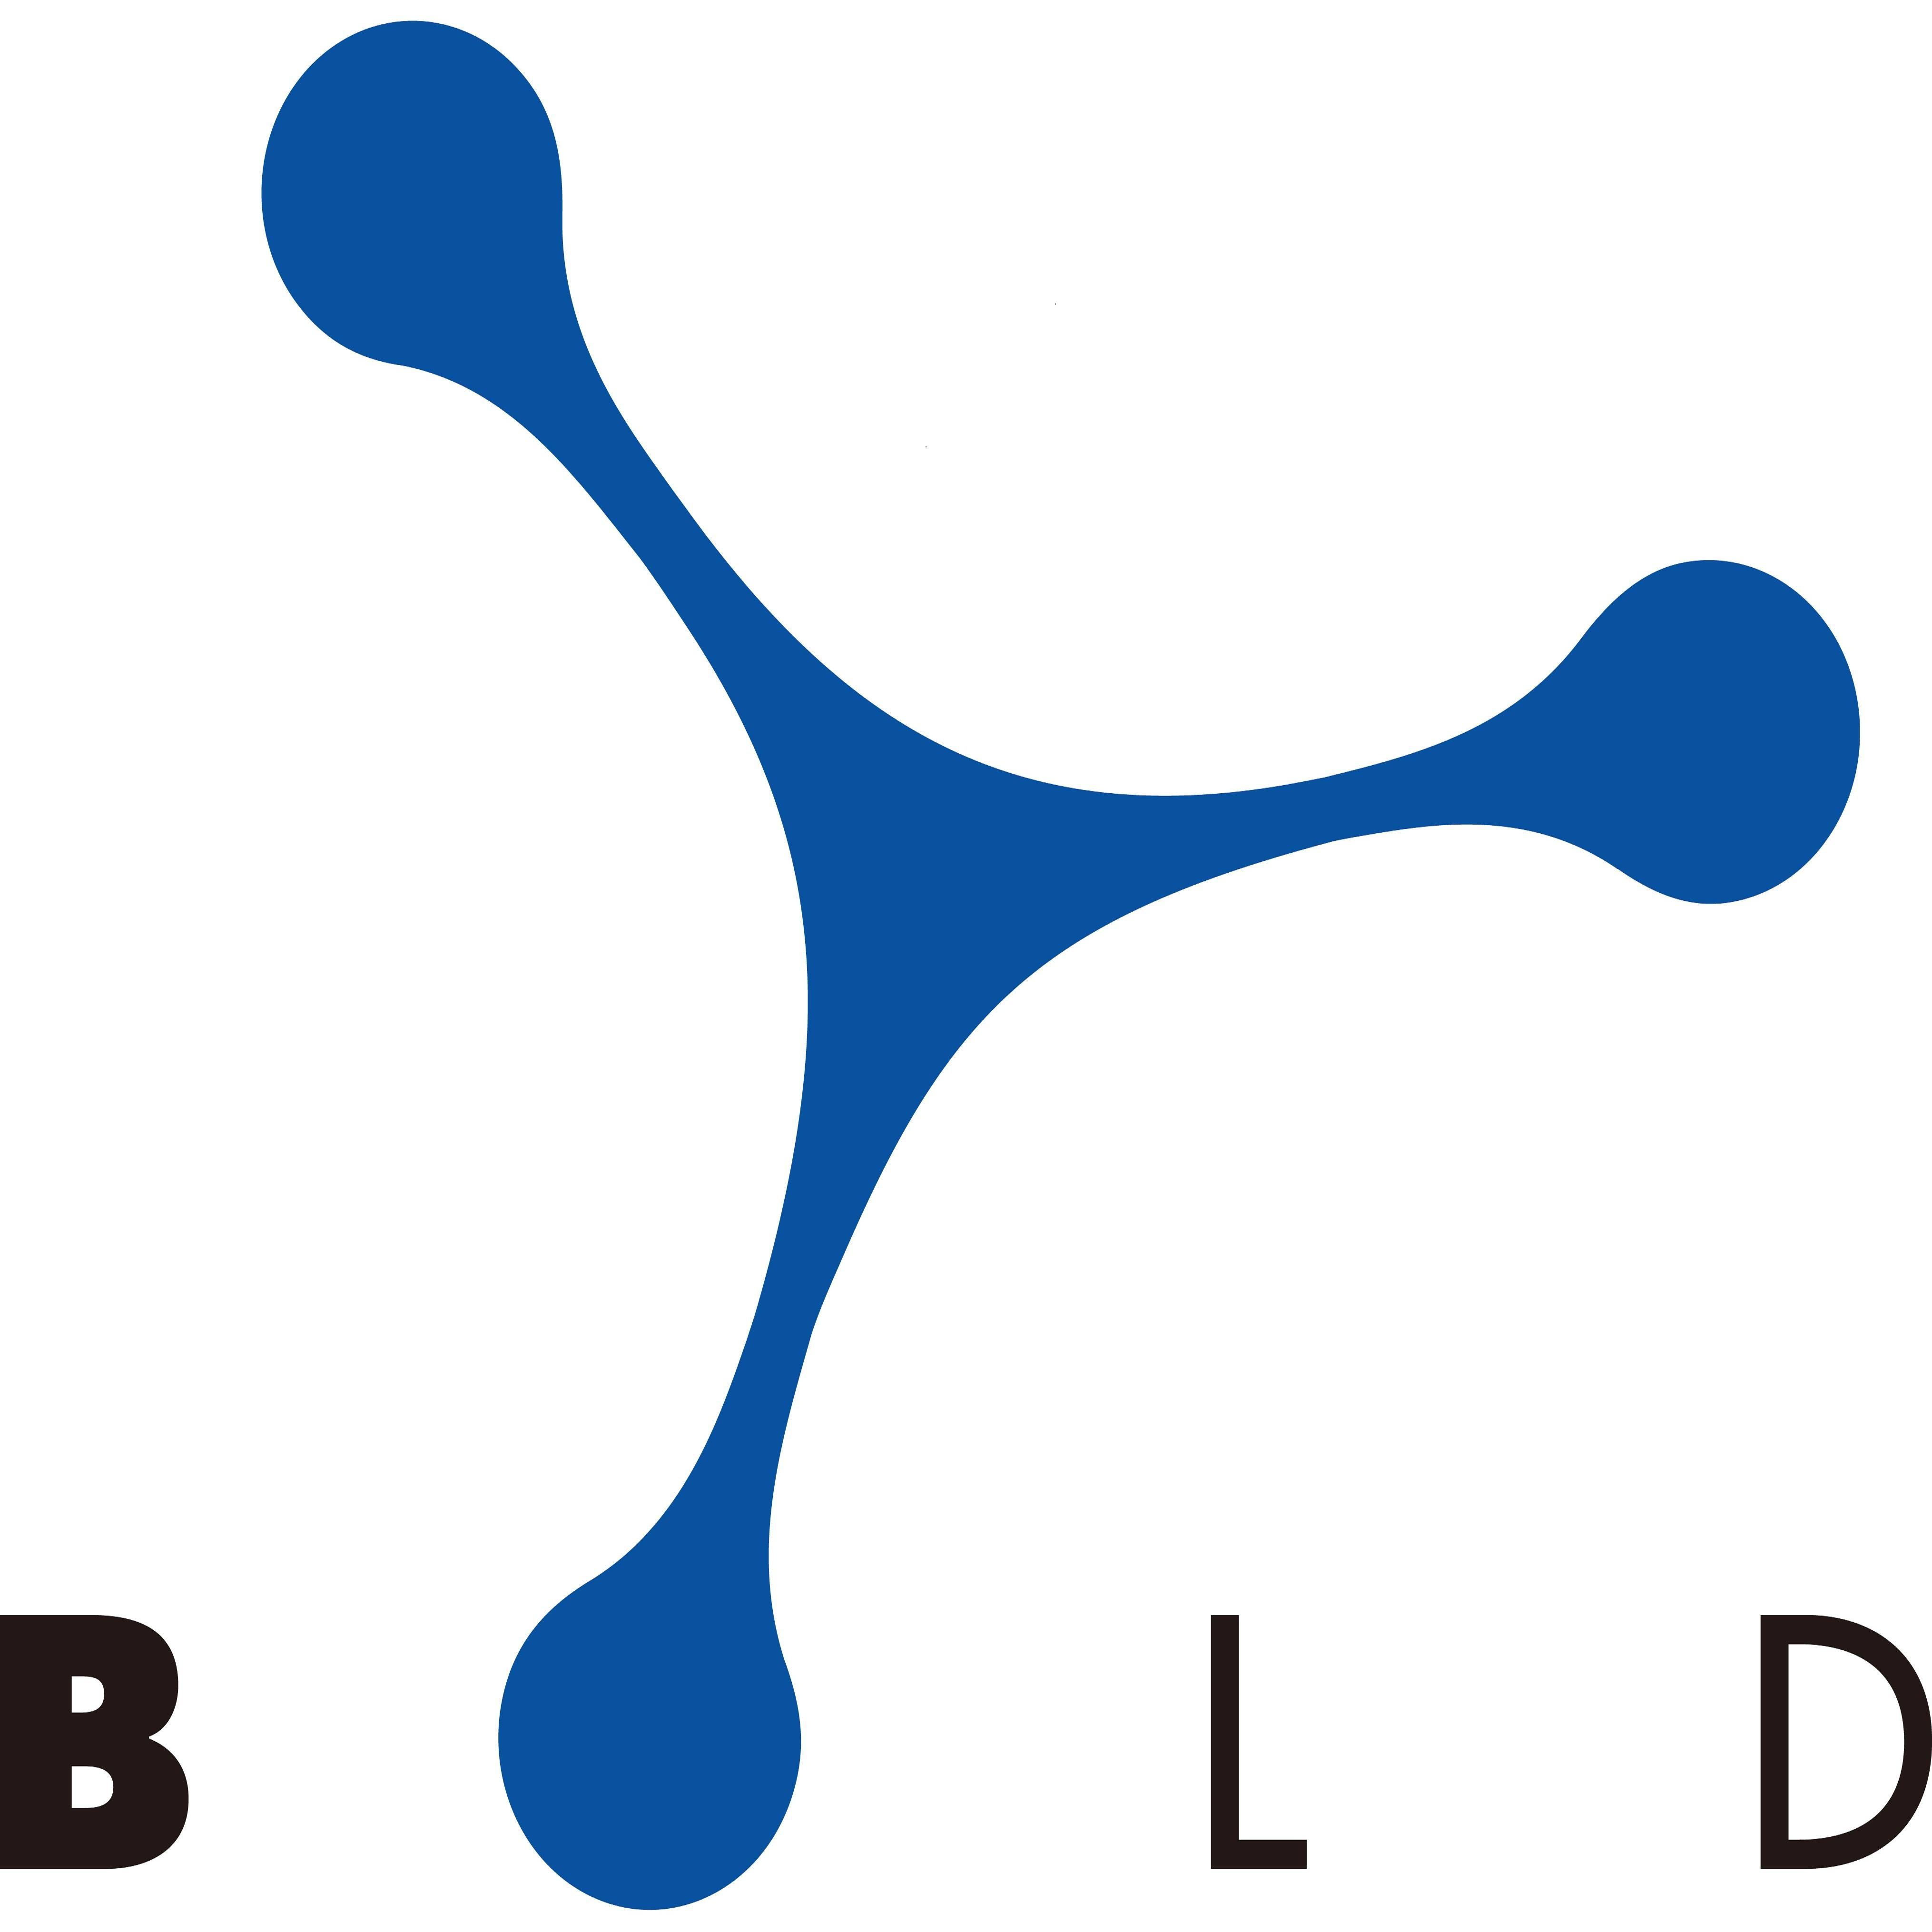 株式会社ボールドのロゴ画像